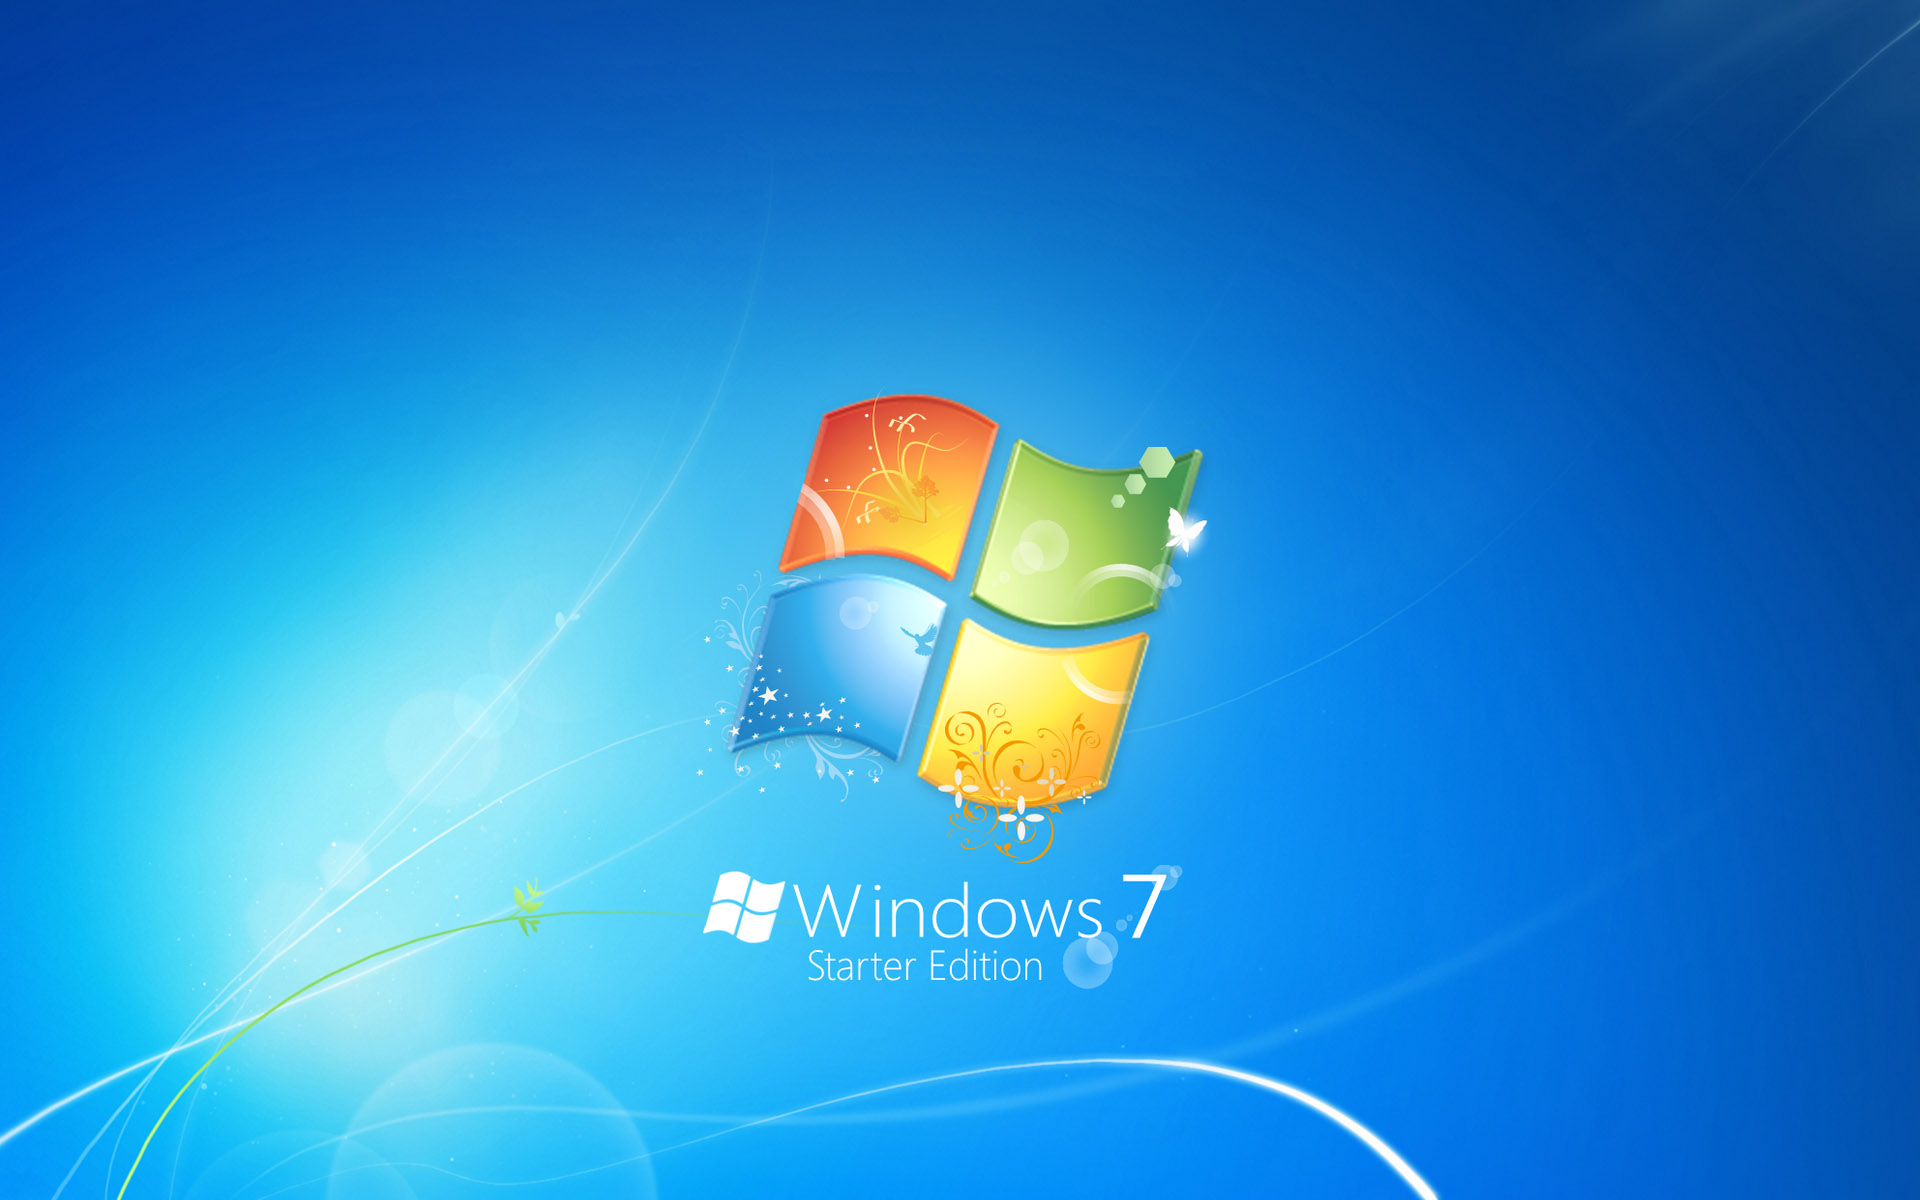 46 Windows 7 Starter Wallpaper Download On Wallpapersafari